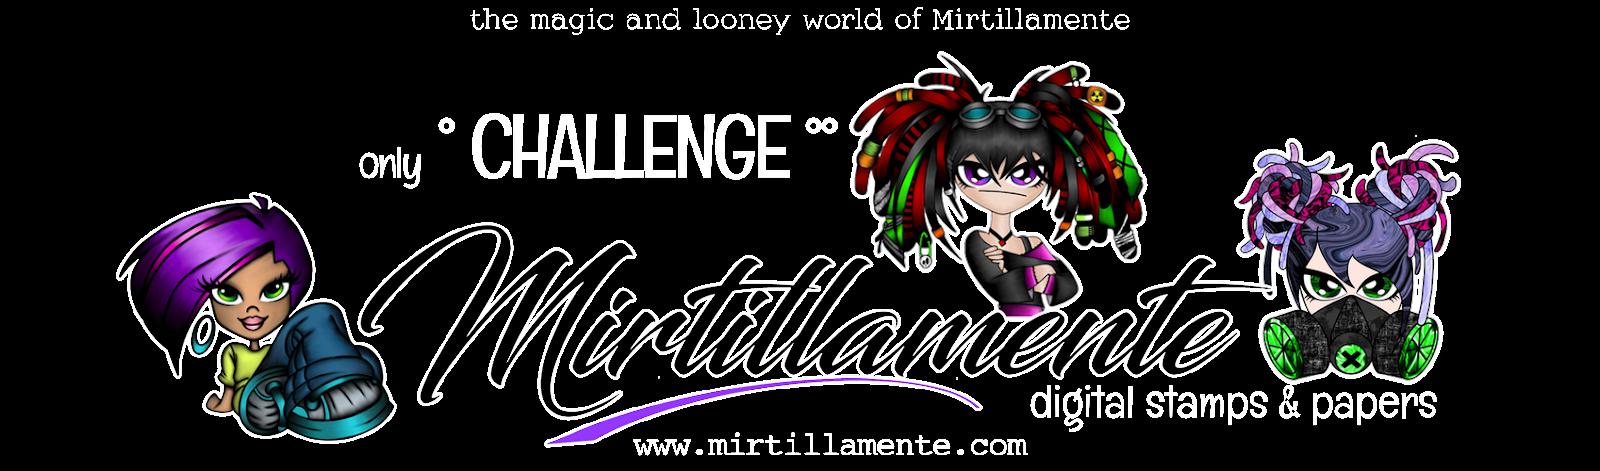 Mirtillamente Challenge